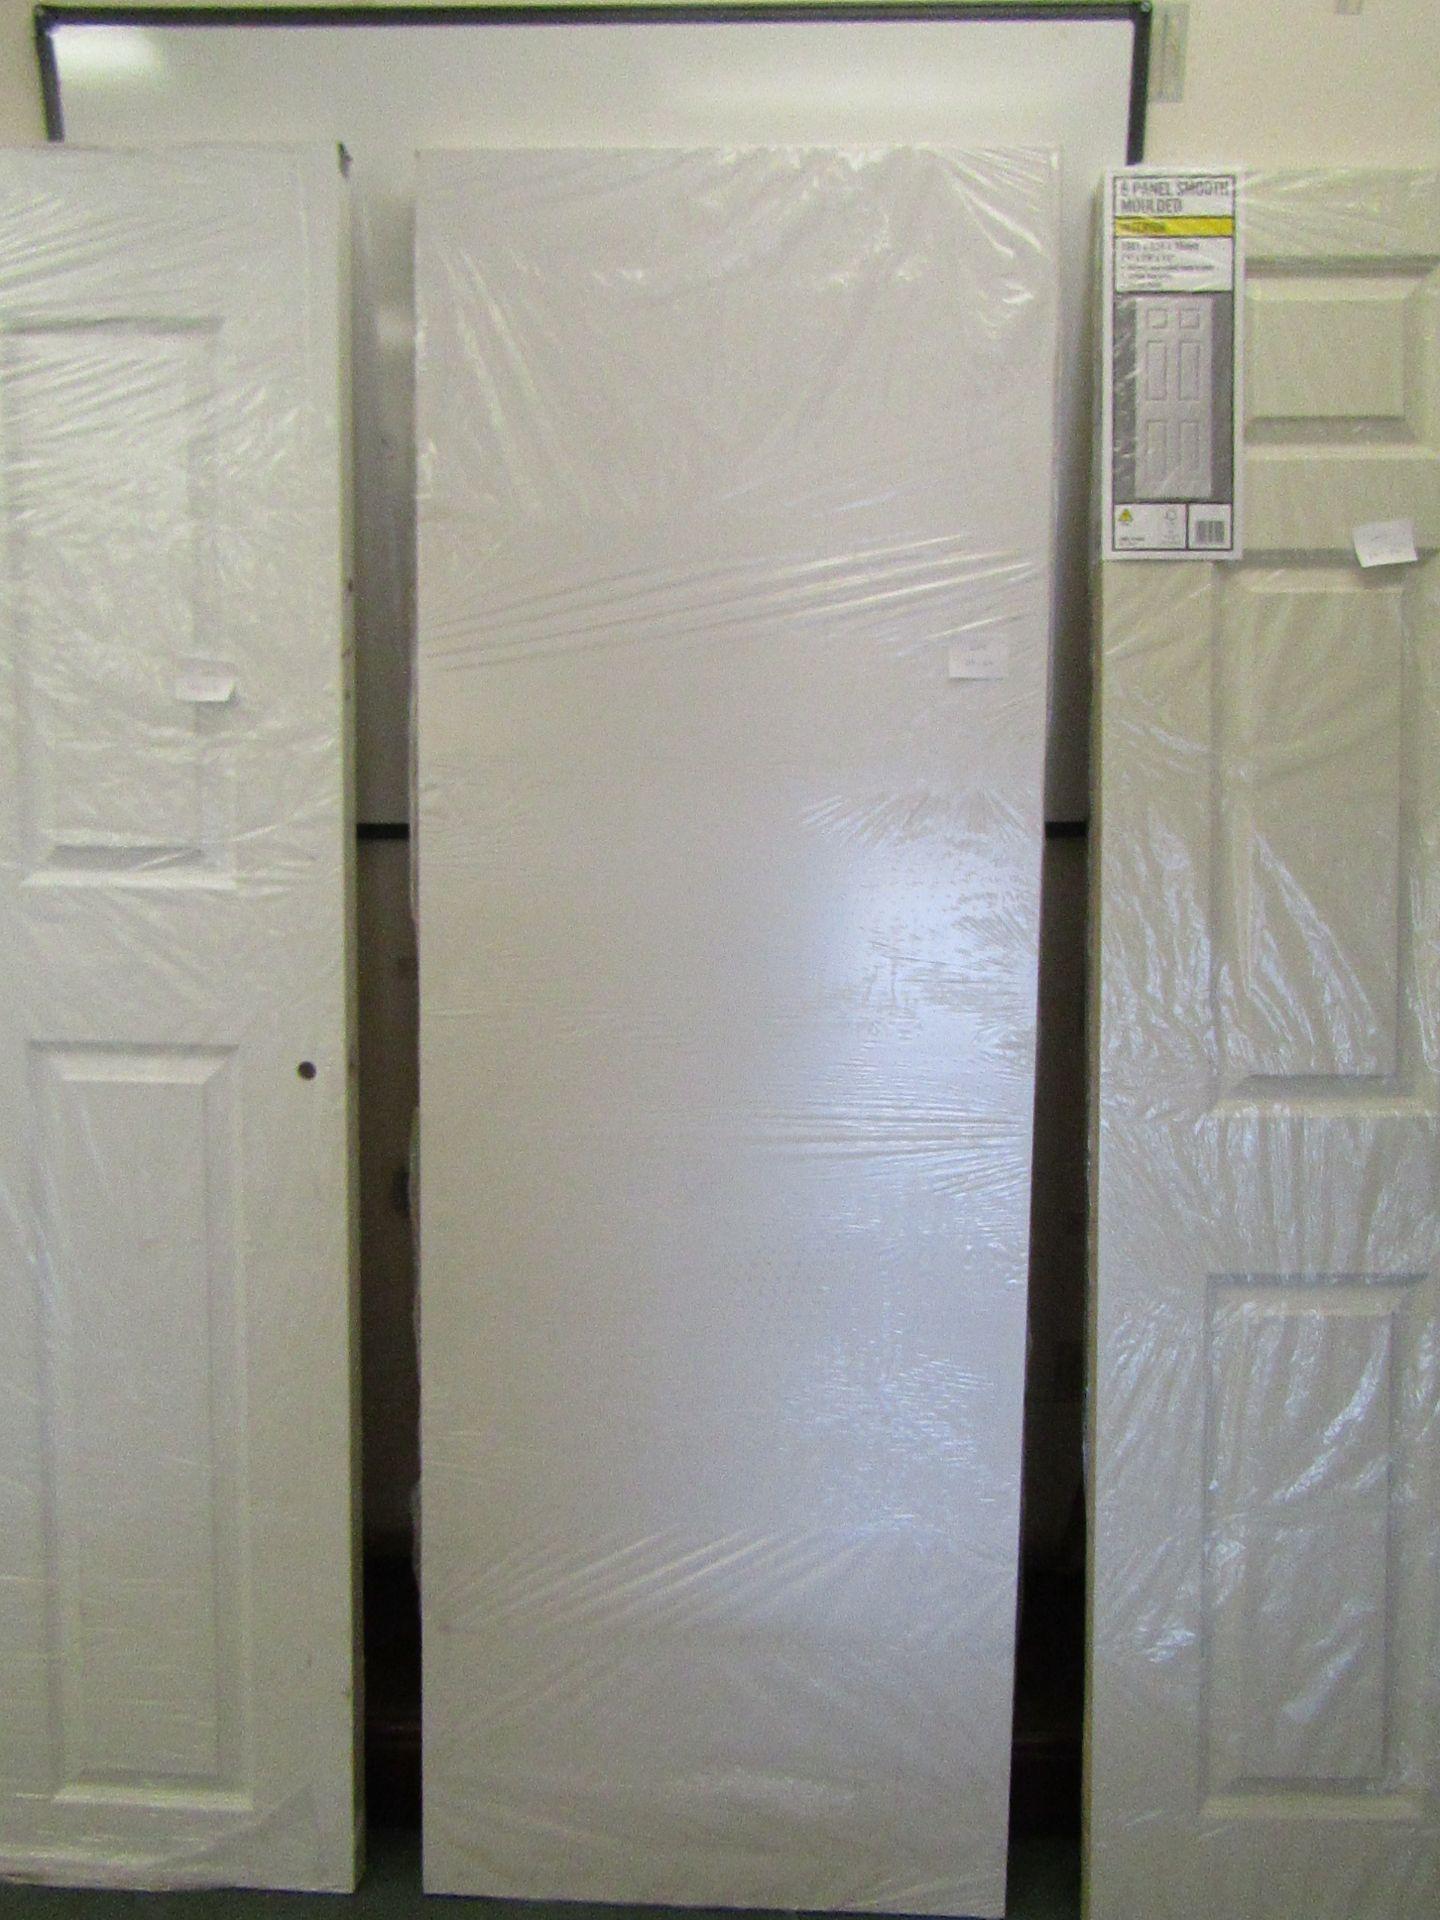 Lot 6 - Prem Door white smooth 30 min (FD30) fire door 686mm wide, unused